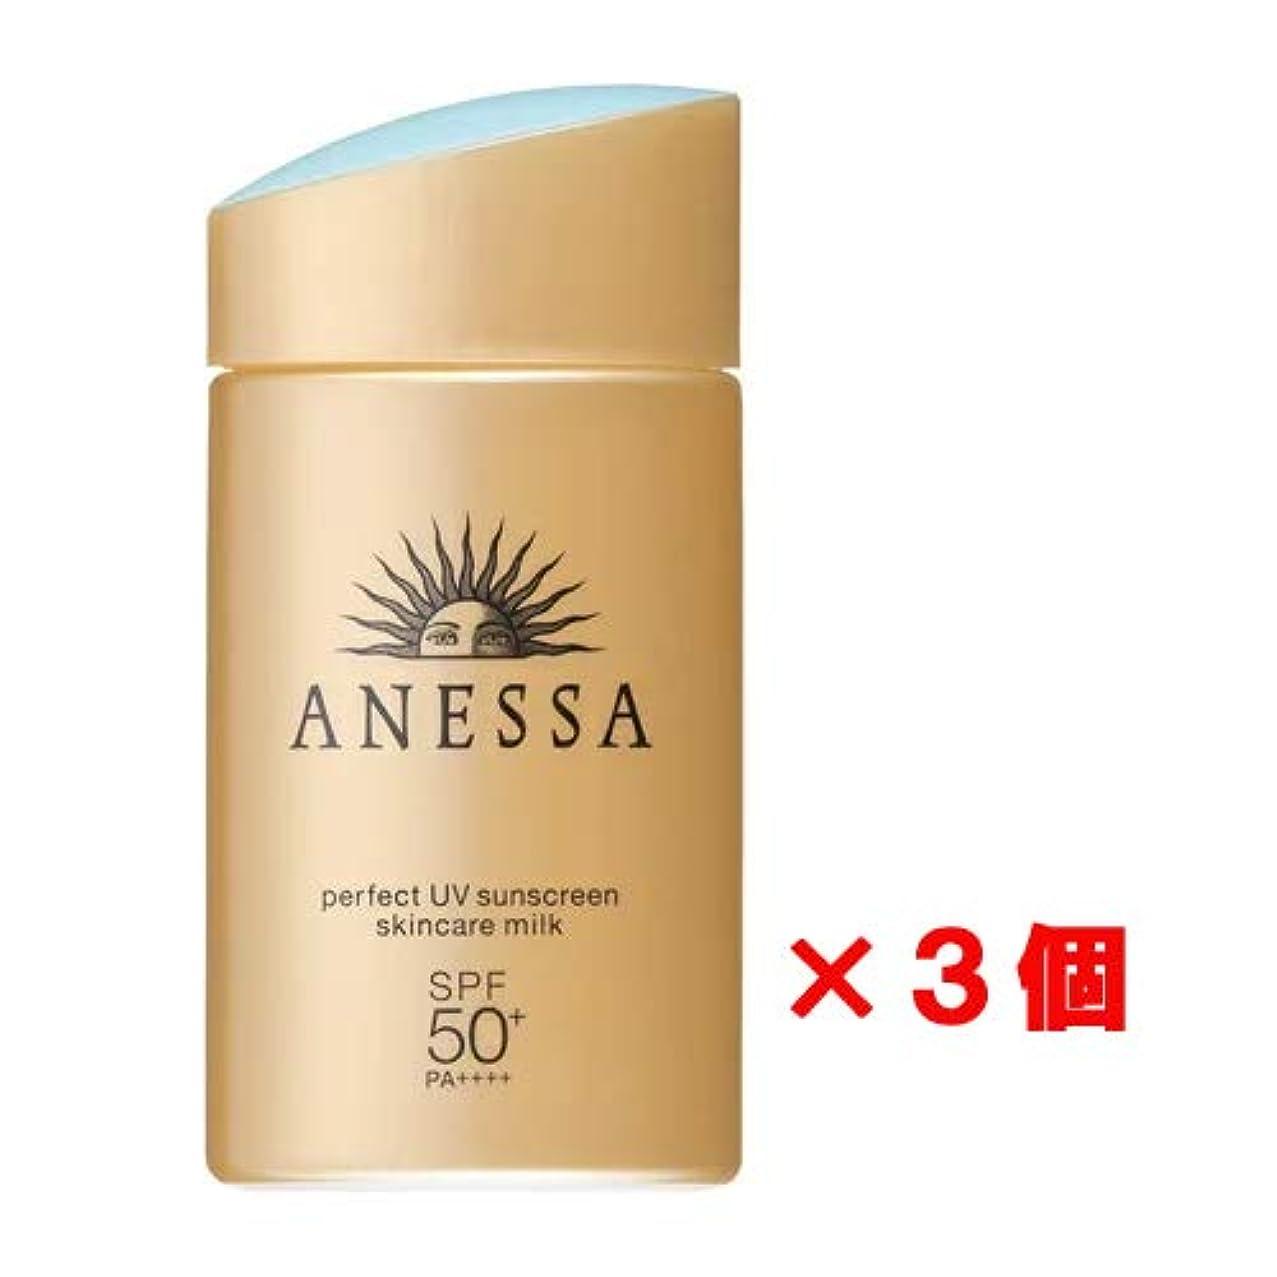 に応じて思い出させる時期尚早アネッサ パーフェクトUV スキンケアミルク SPF50+/PA++++ 60mL ×3個セット